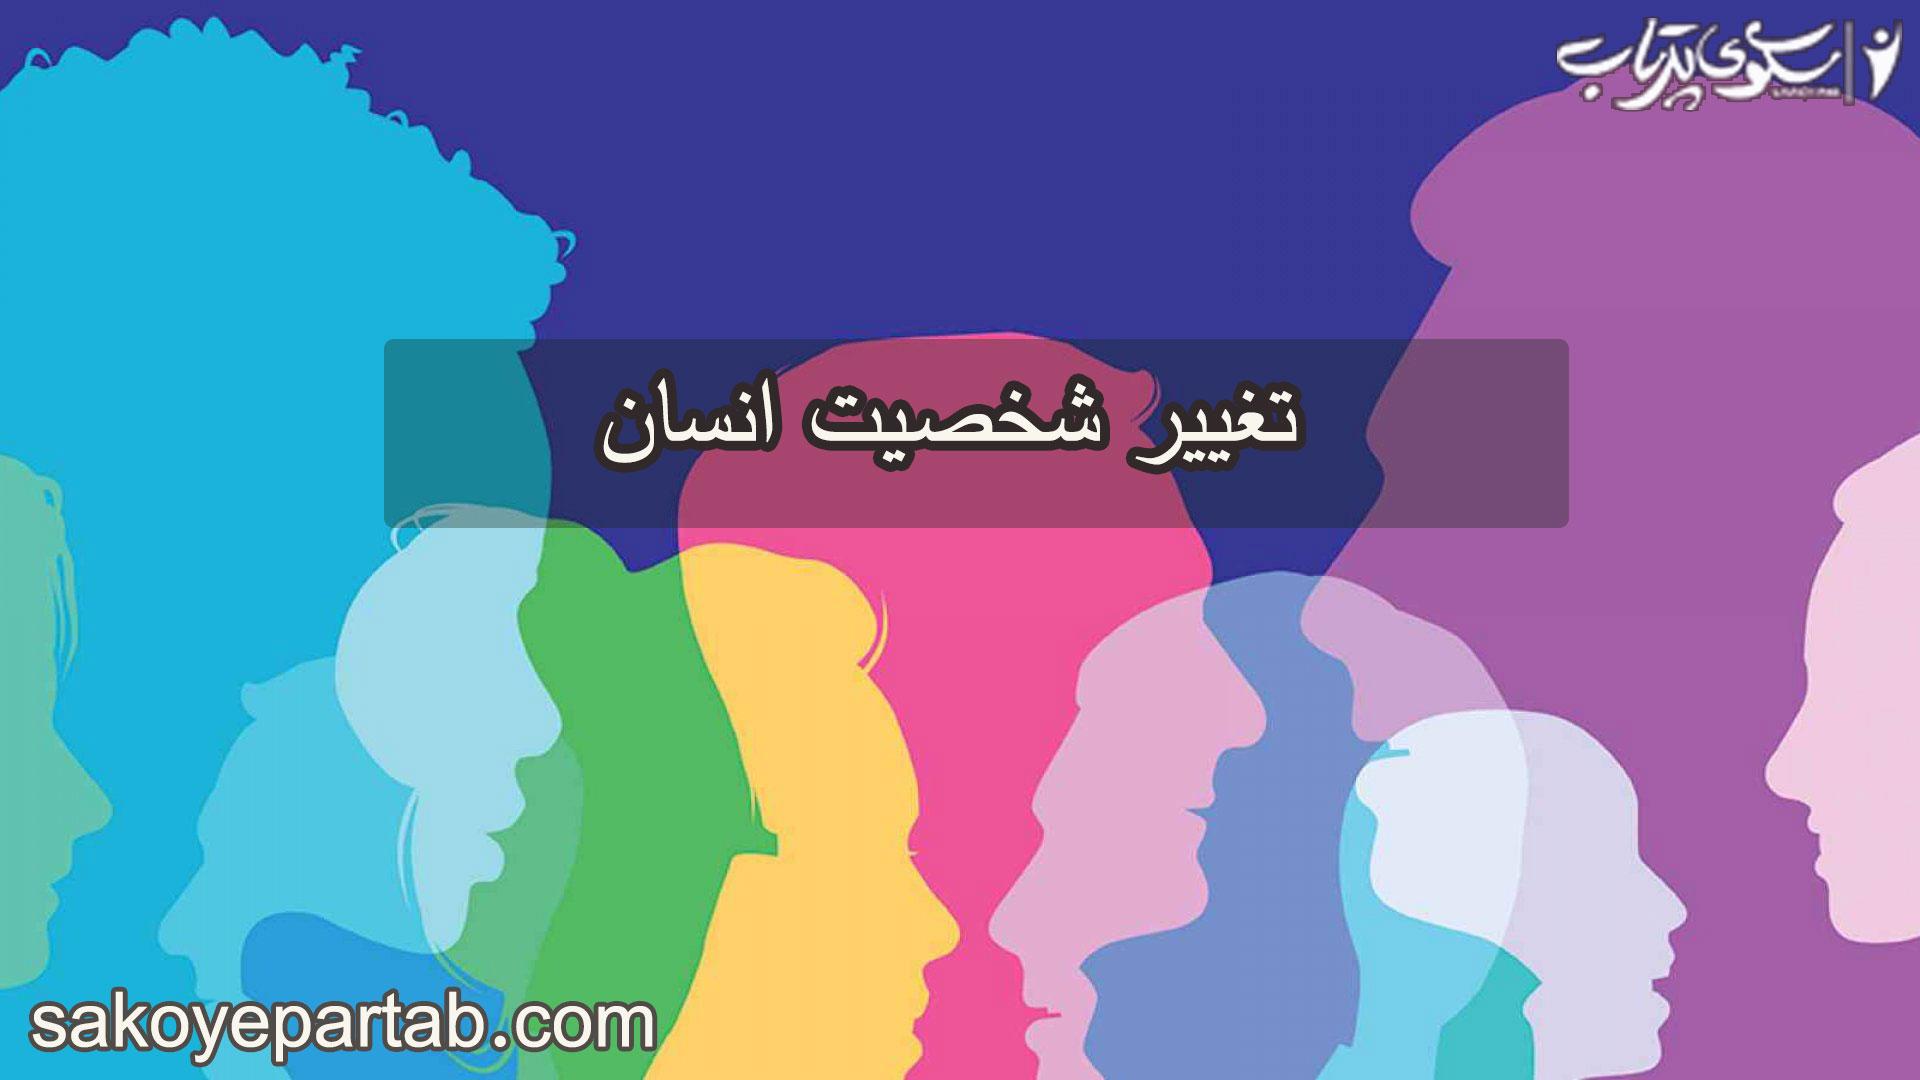 تغییر شخصیت انسان